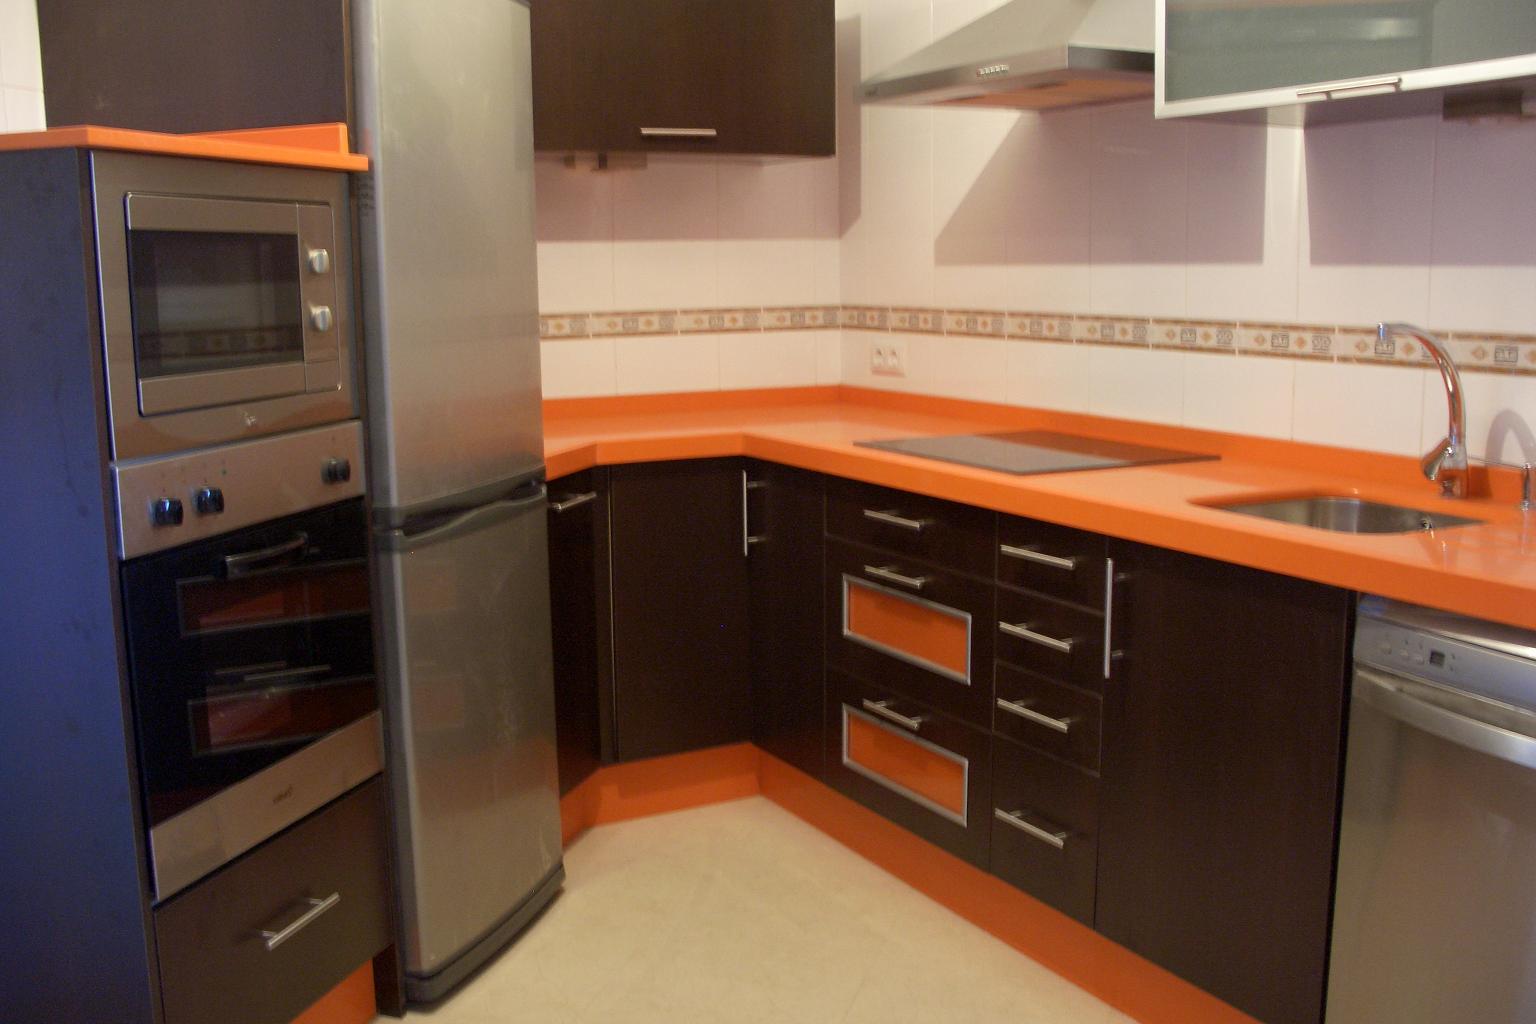 Bonito cocinas naranjas fotos decoracion de cocinas en for Casa garcia muebles